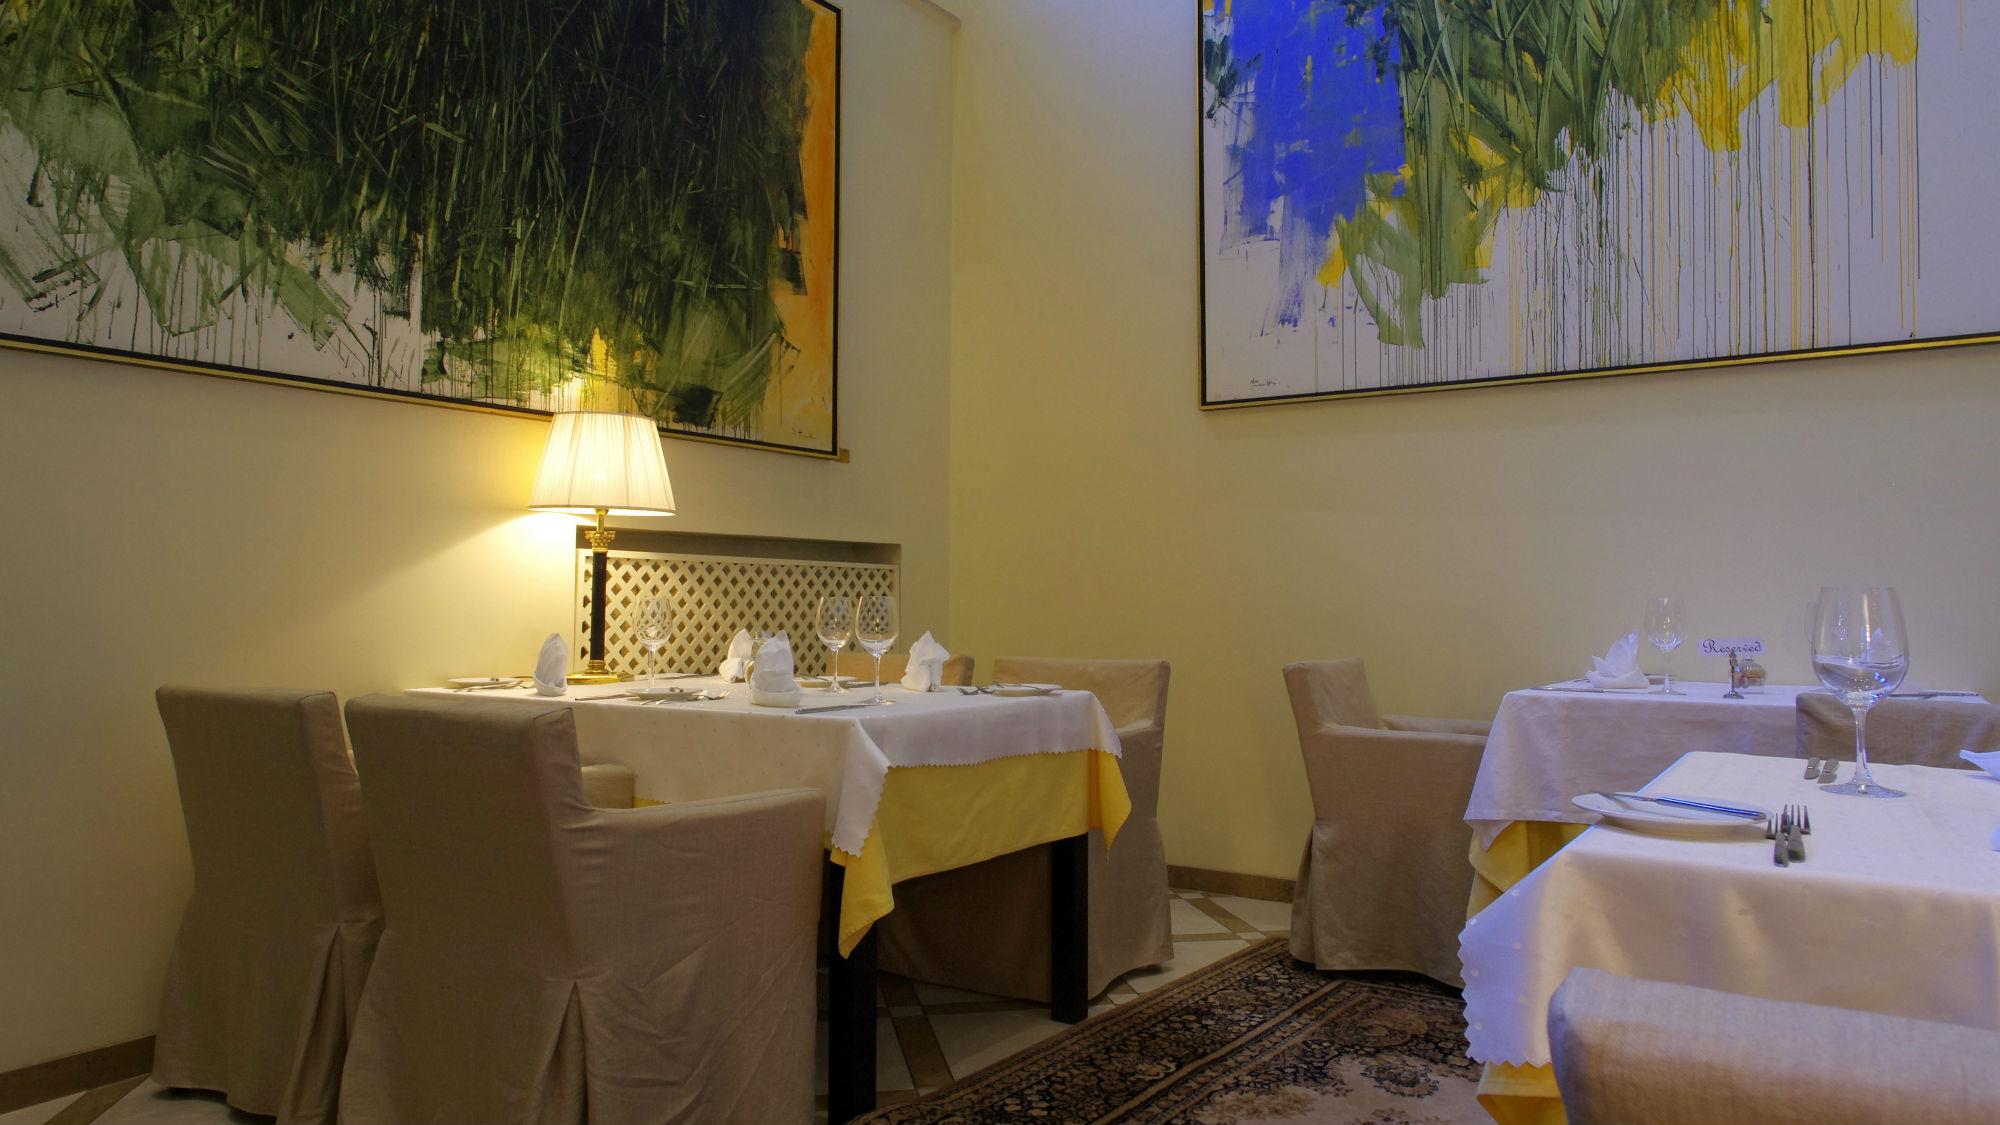 Atrium at the restaurant